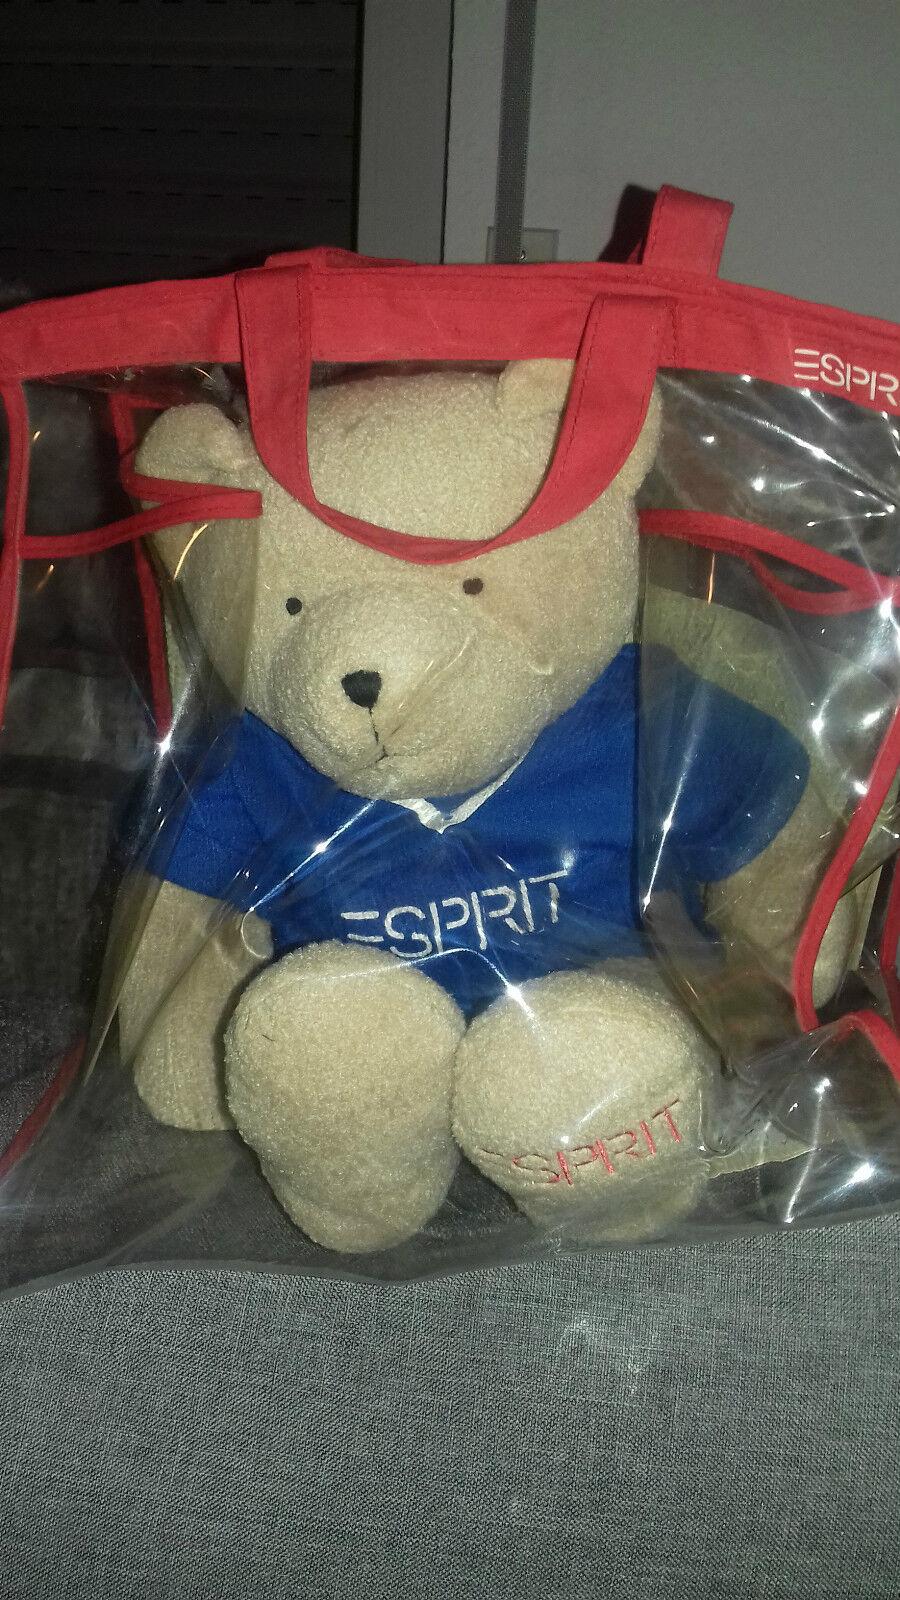 Esprit Teddy Stoff original in Tasche Limitiert     selten 1684af